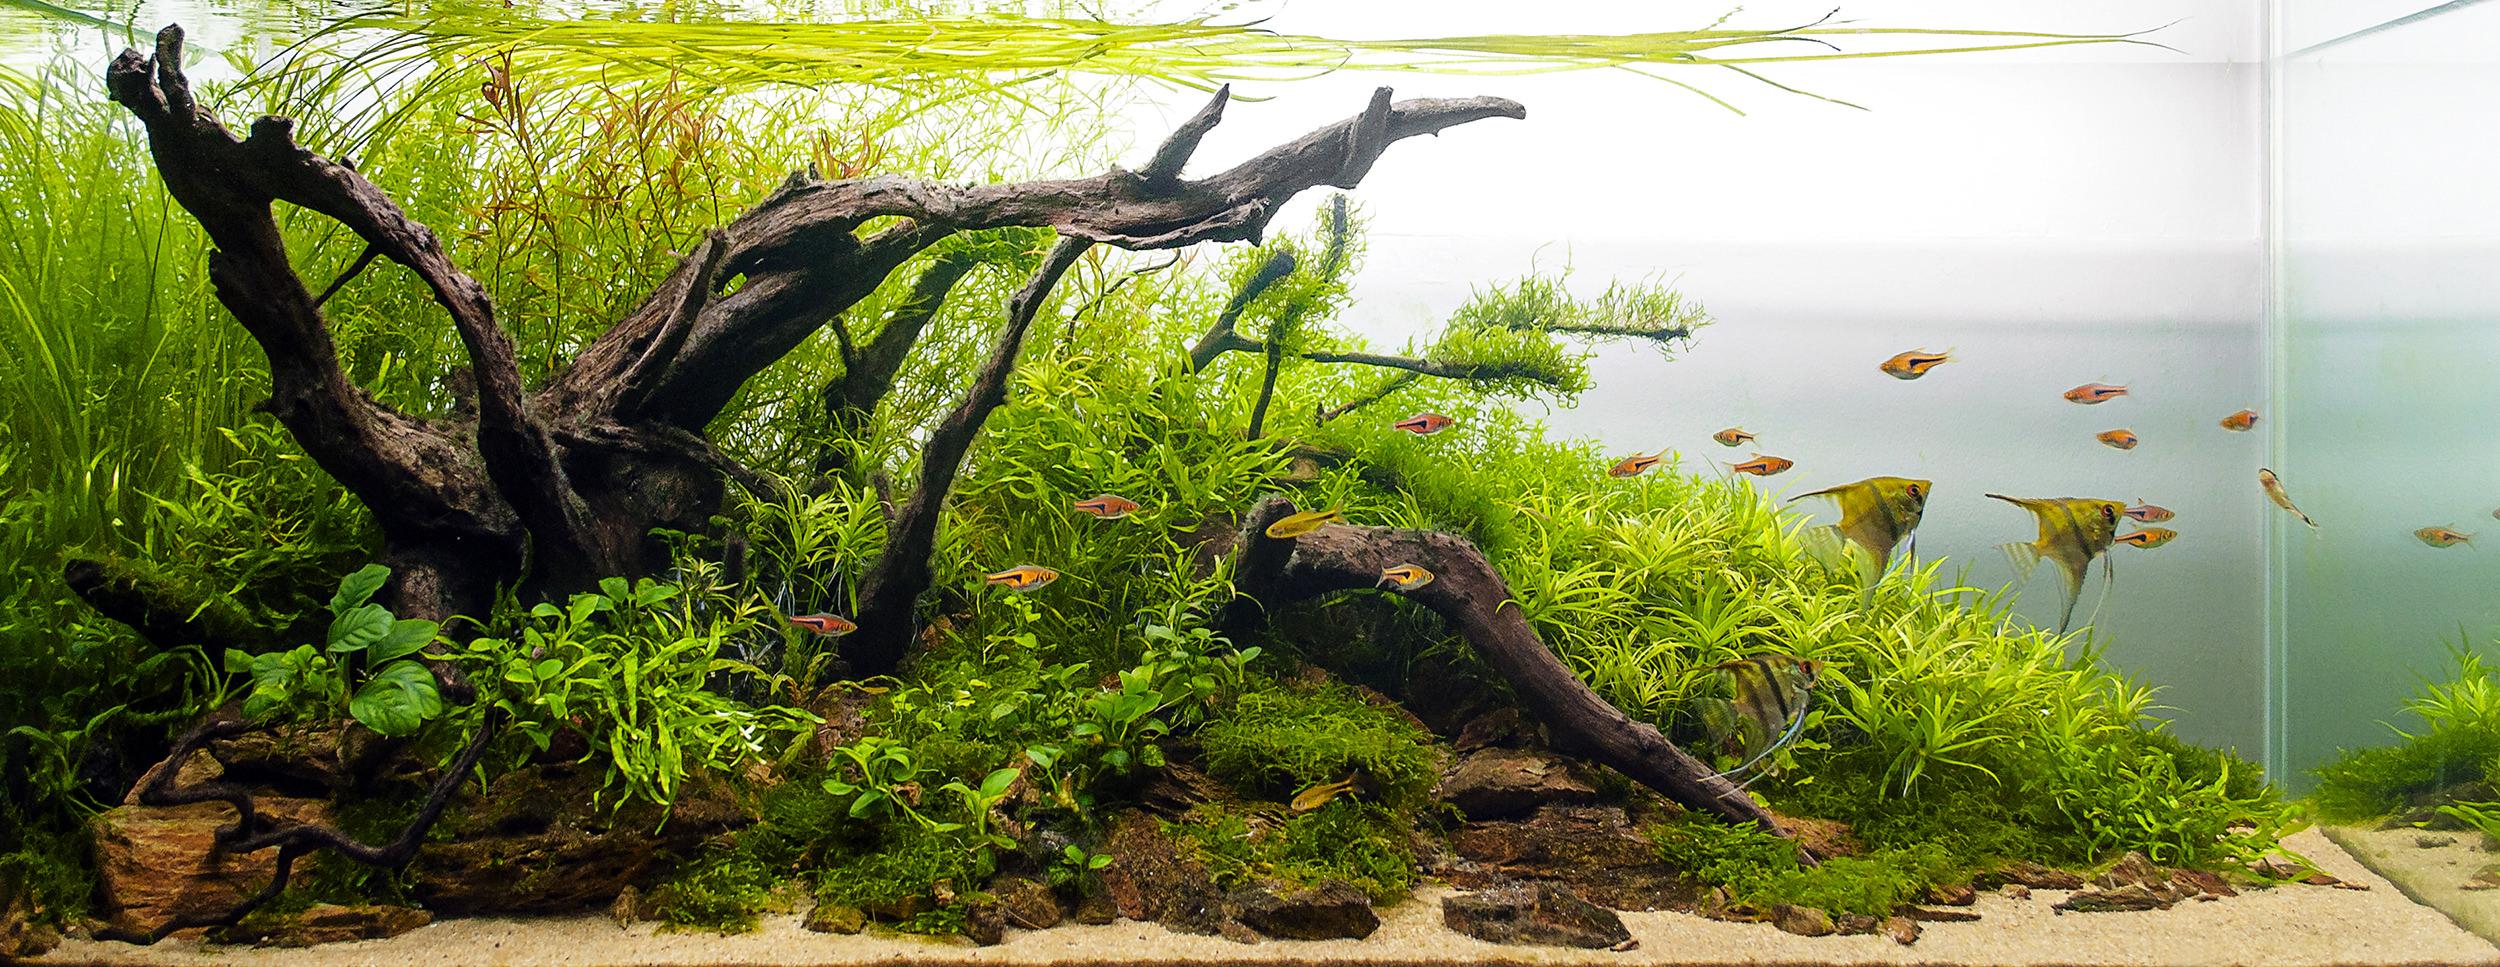 aqua synergy , plantenvoeding , aquarium,waterbehandeling ,optimizer,biologisch evenwicht, balans, optimaal , webshop, webwinkel